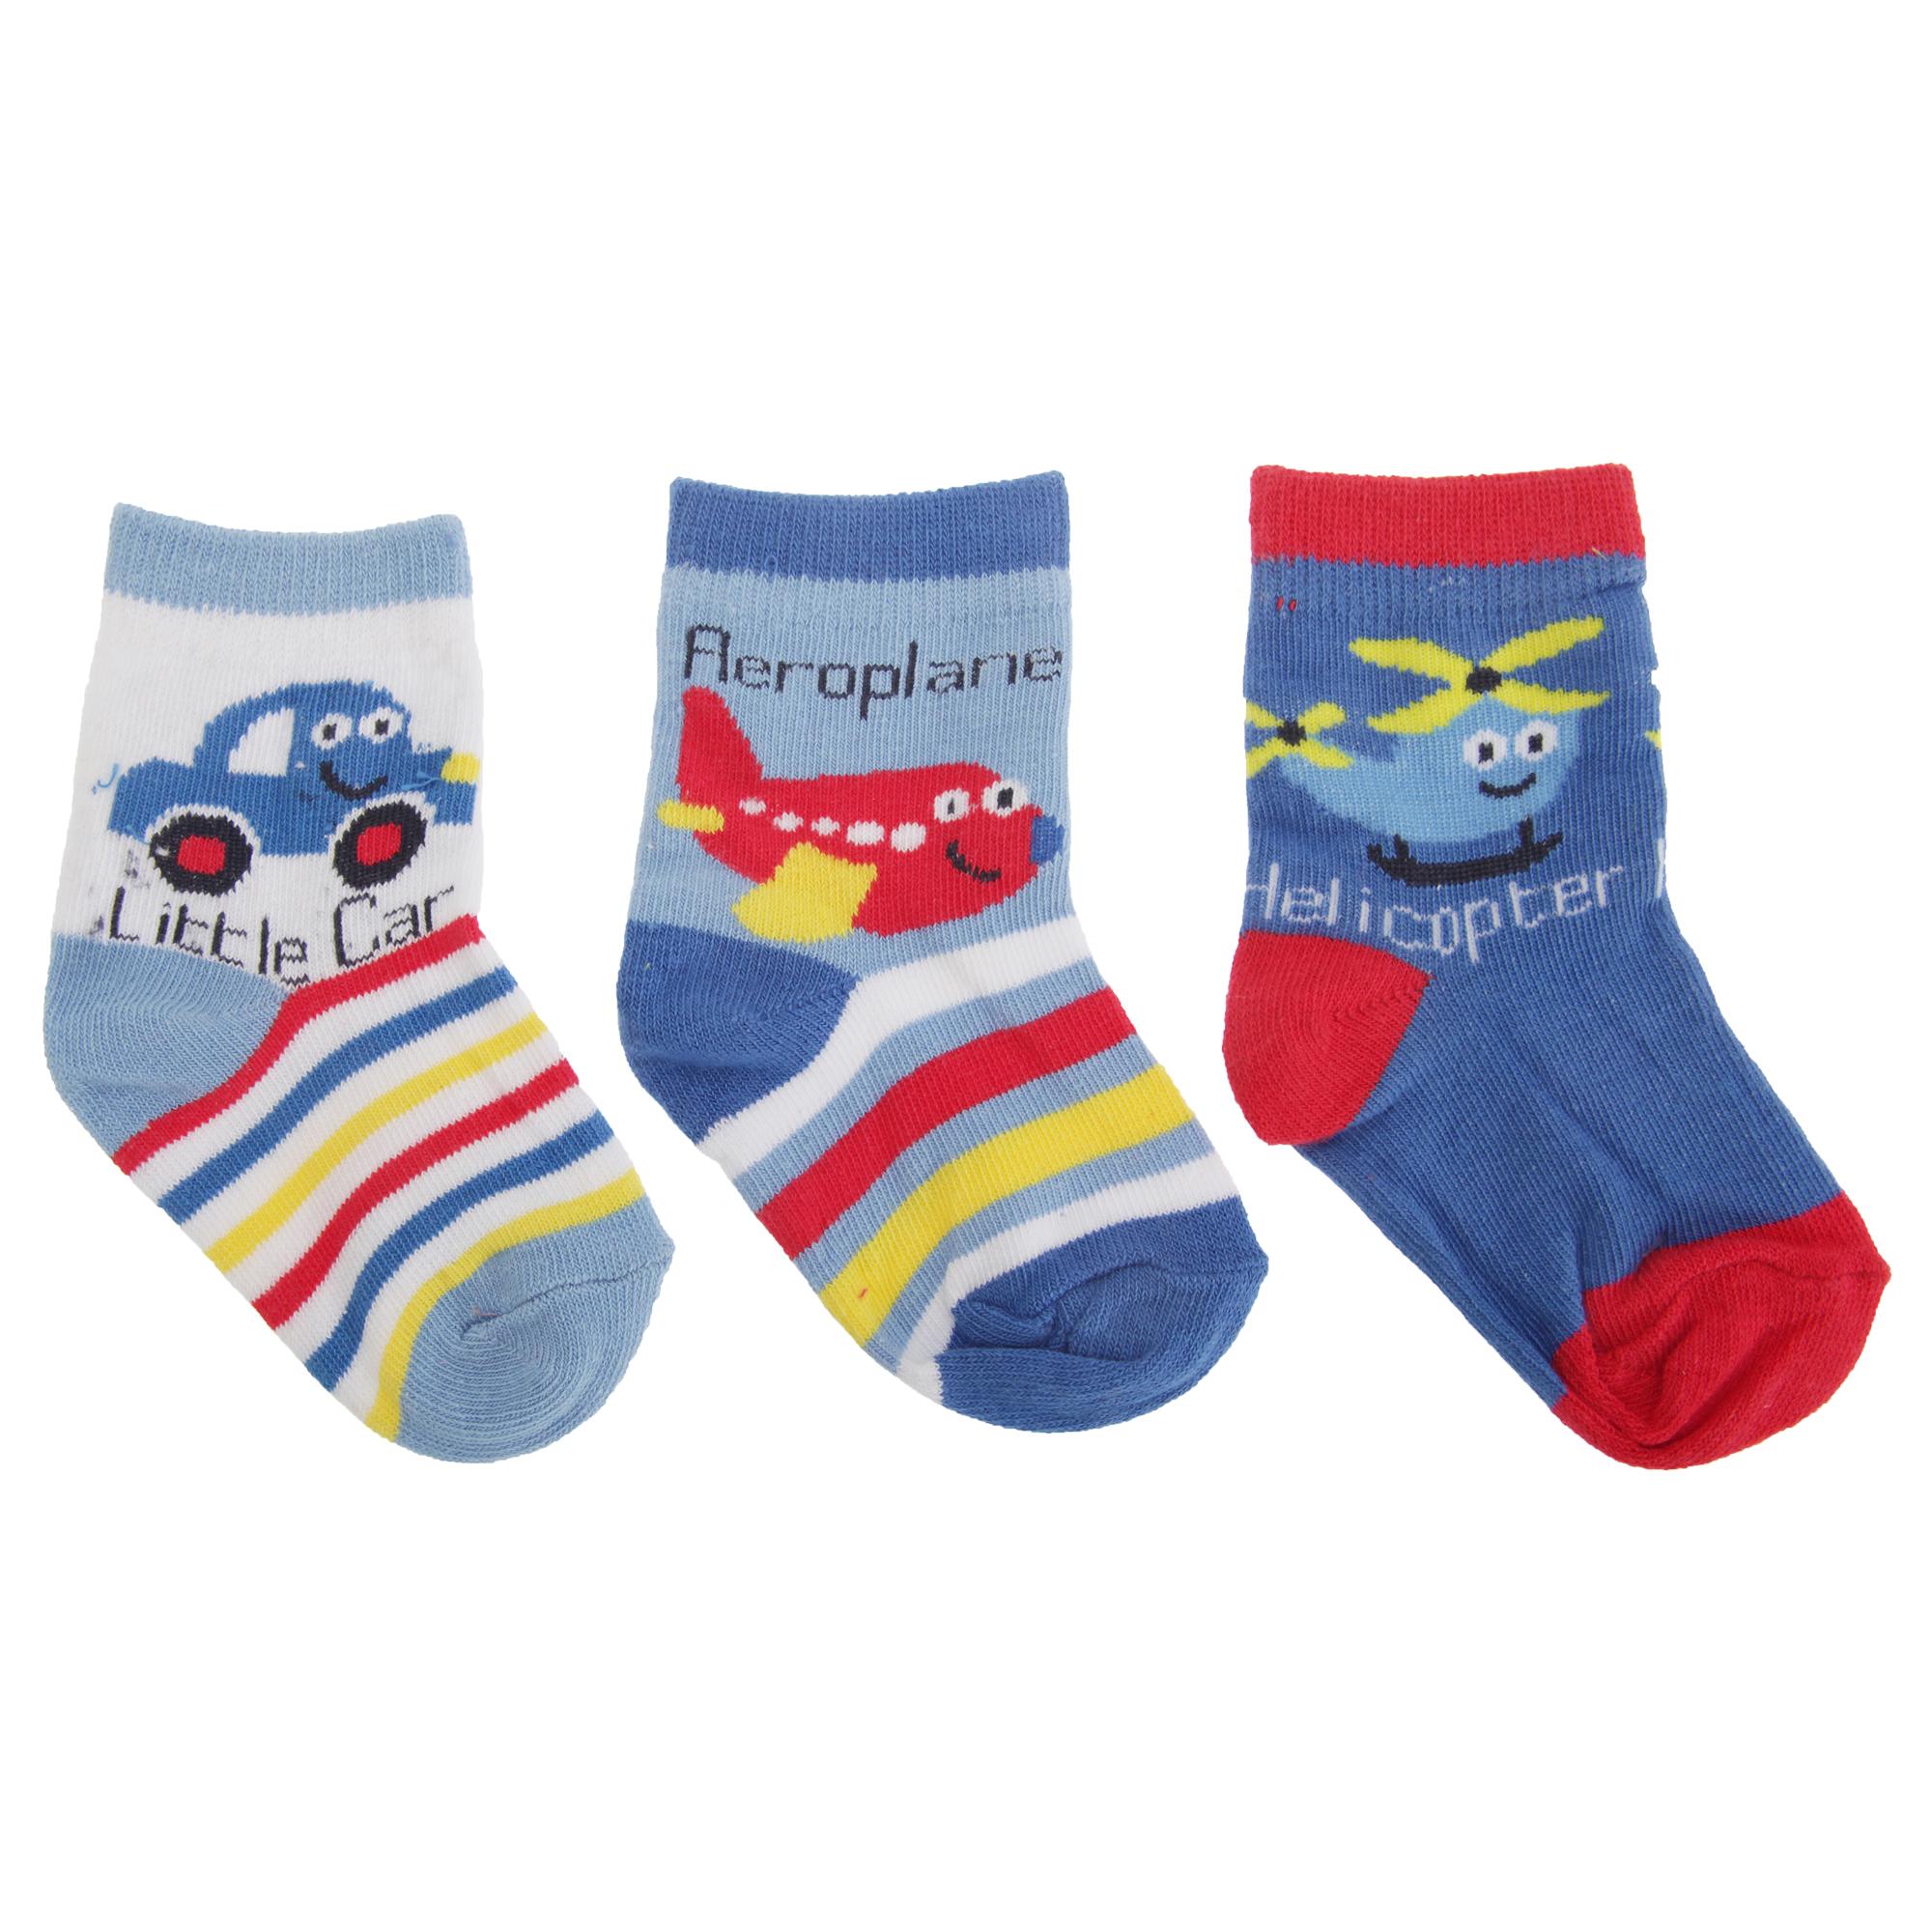 3 Paar Baby & Kinder Socken ABS  rutschfest  für Mädchen oder Jungen 3